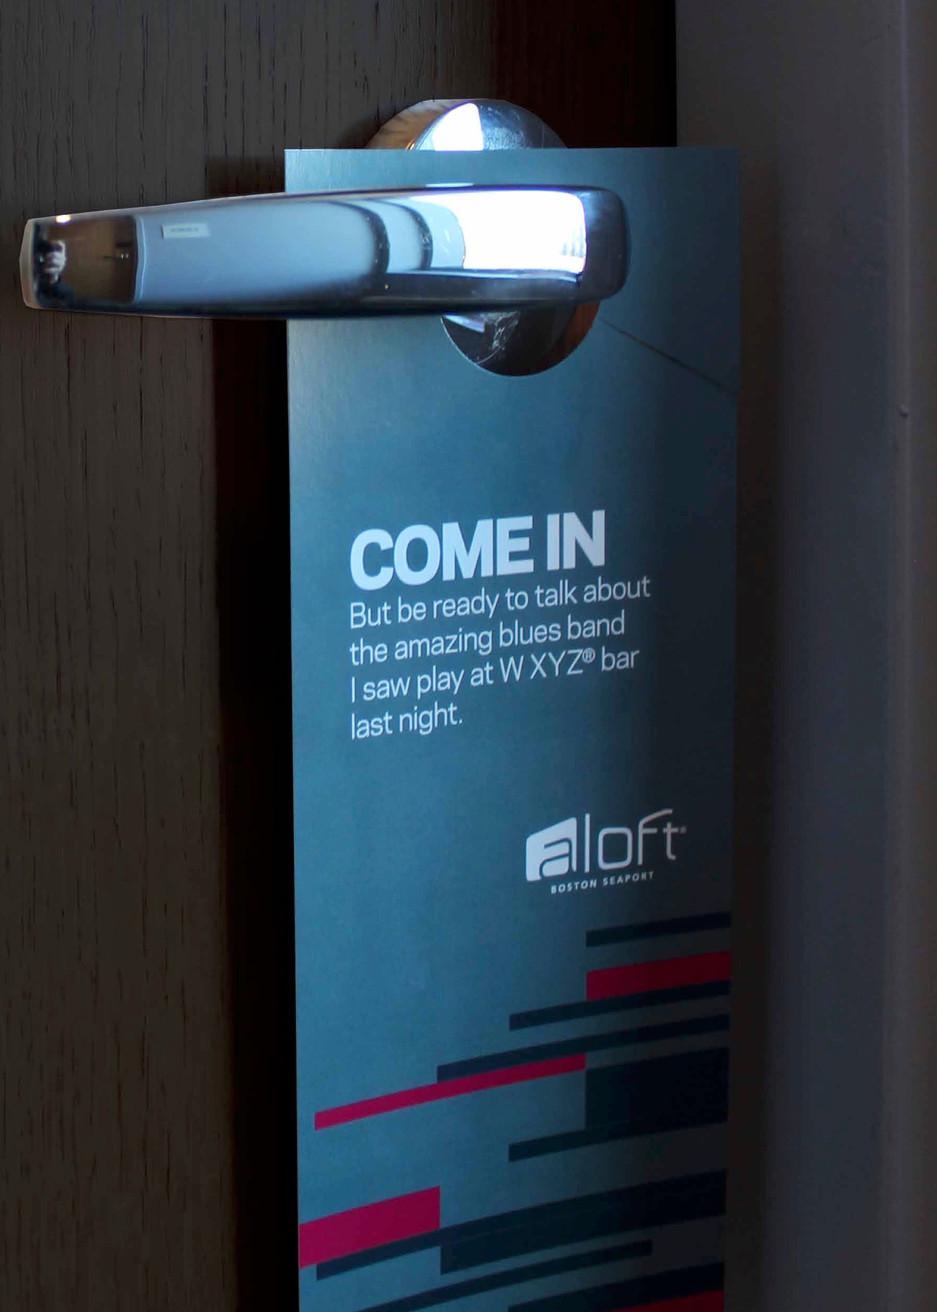 aloft_door-hanger-posts_6.jpg